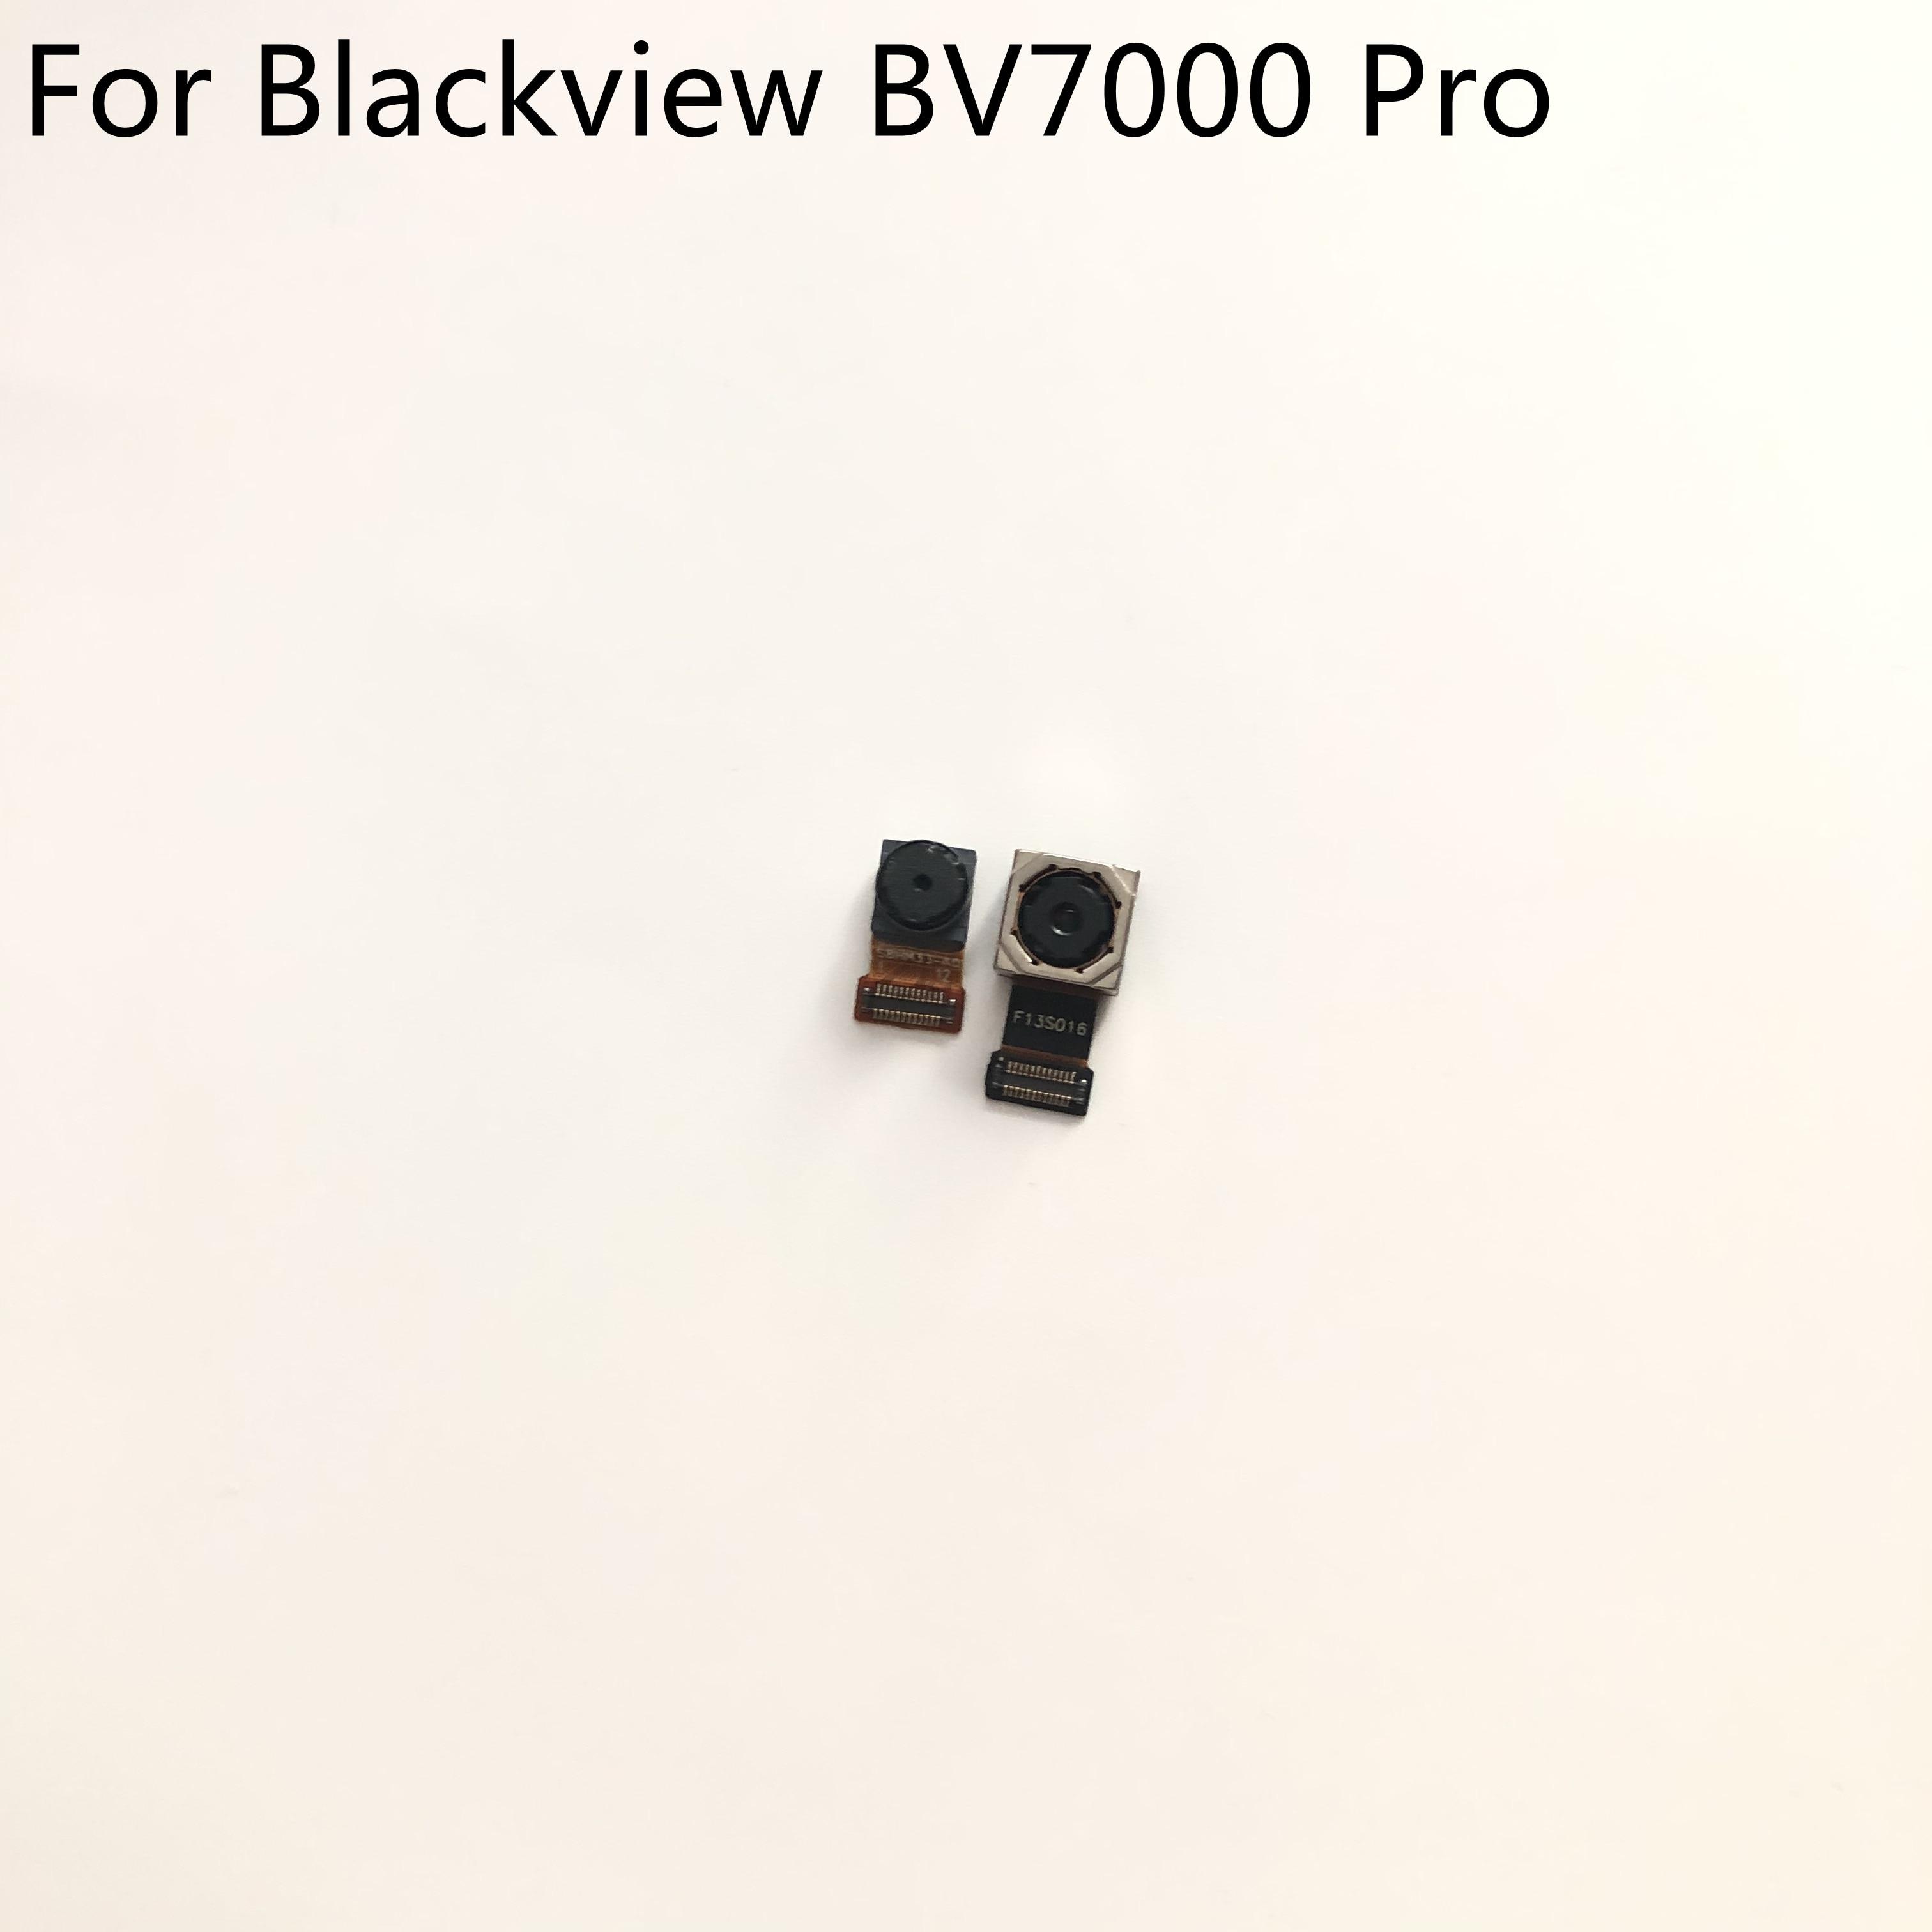 Original usado câmera frontal 5.0mp + voltar câmera 13.0mp módulo para blackview bv7000 pro mtk6750e 5.0 polegada 1920x1080 frete grátis